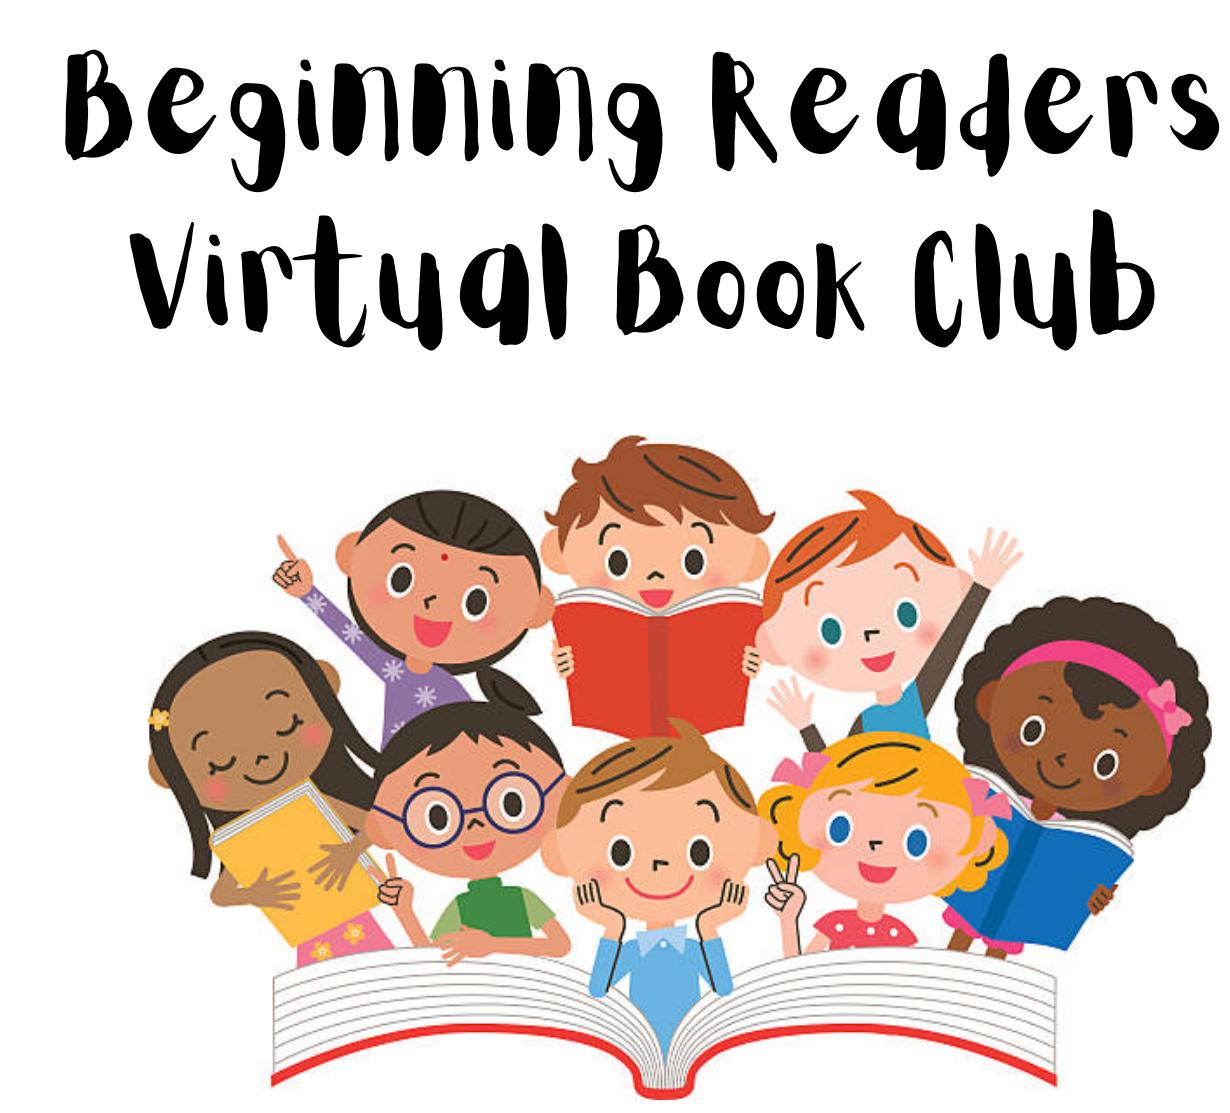 Beginning Readers Virtual Book Club - Breaking News: Bear Alert